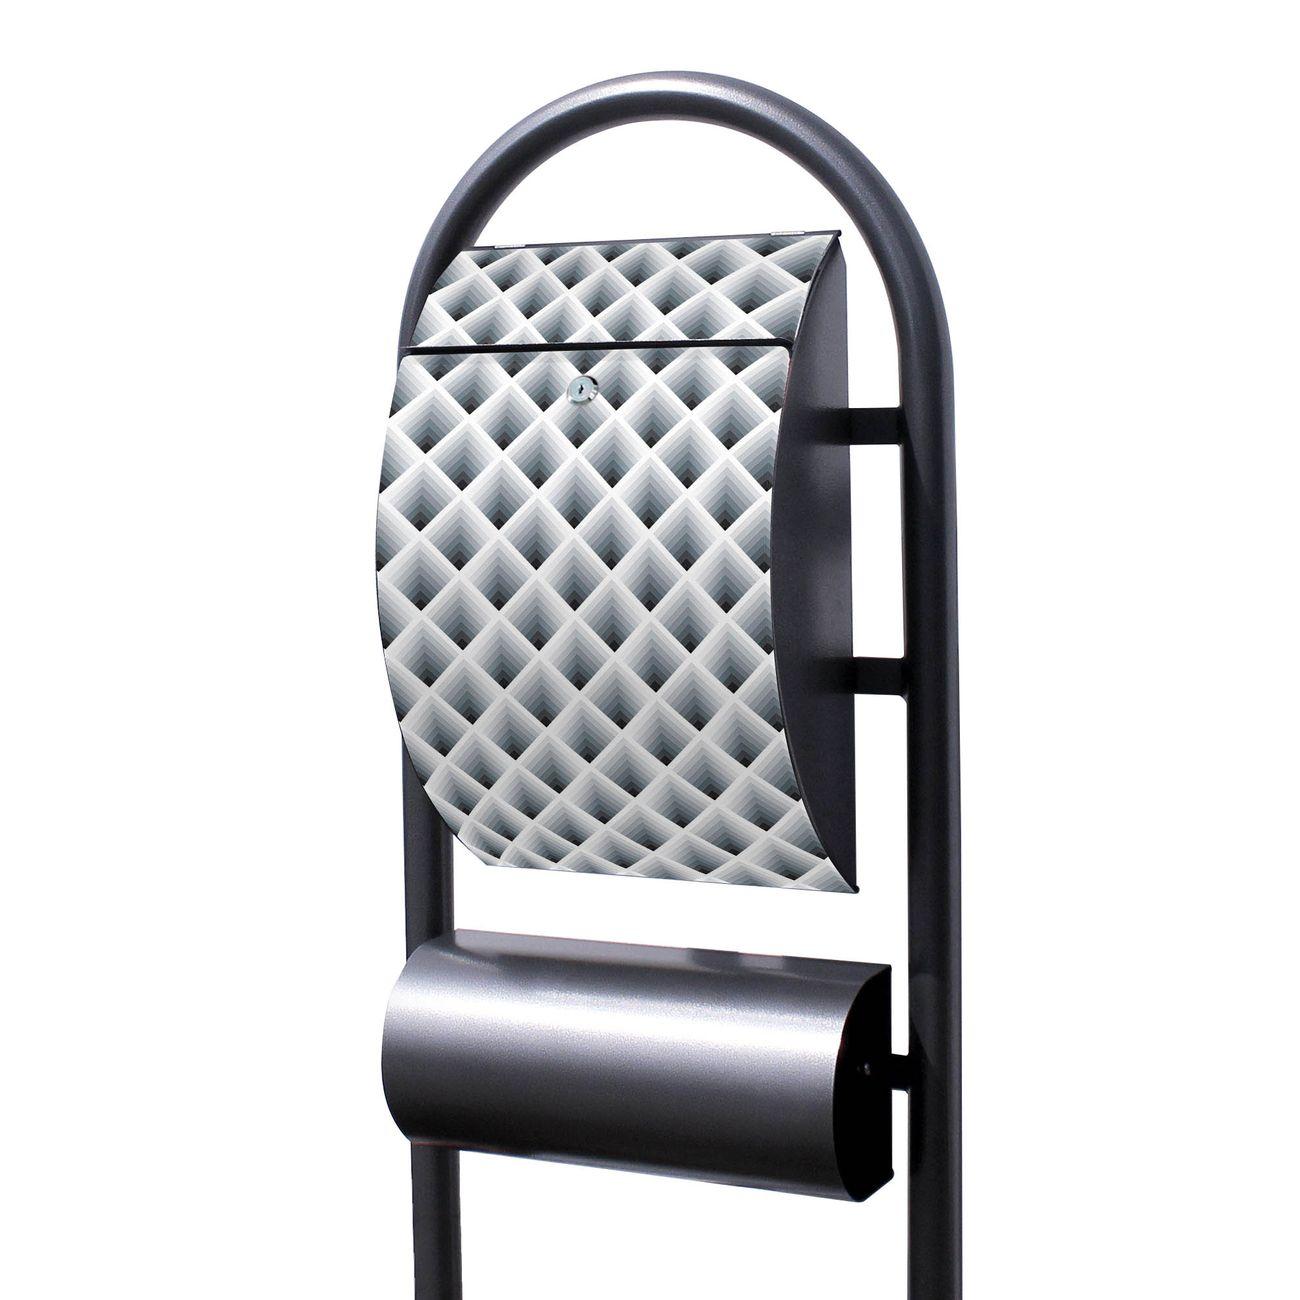 Standbriefkasten Hammerschlag Raster 3D Grau